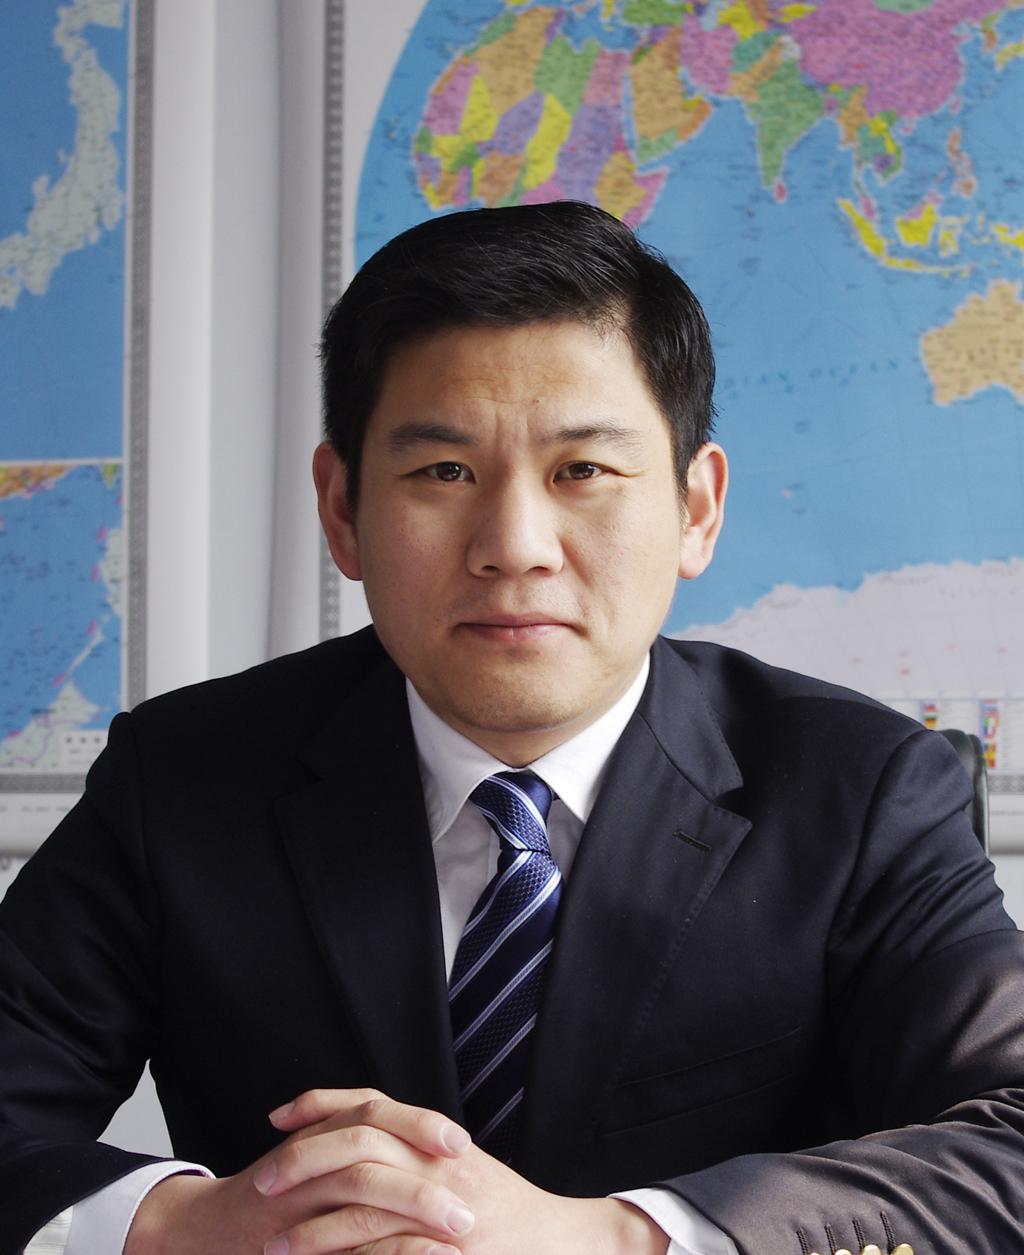 河北奥冠集团总经理孟祥辉